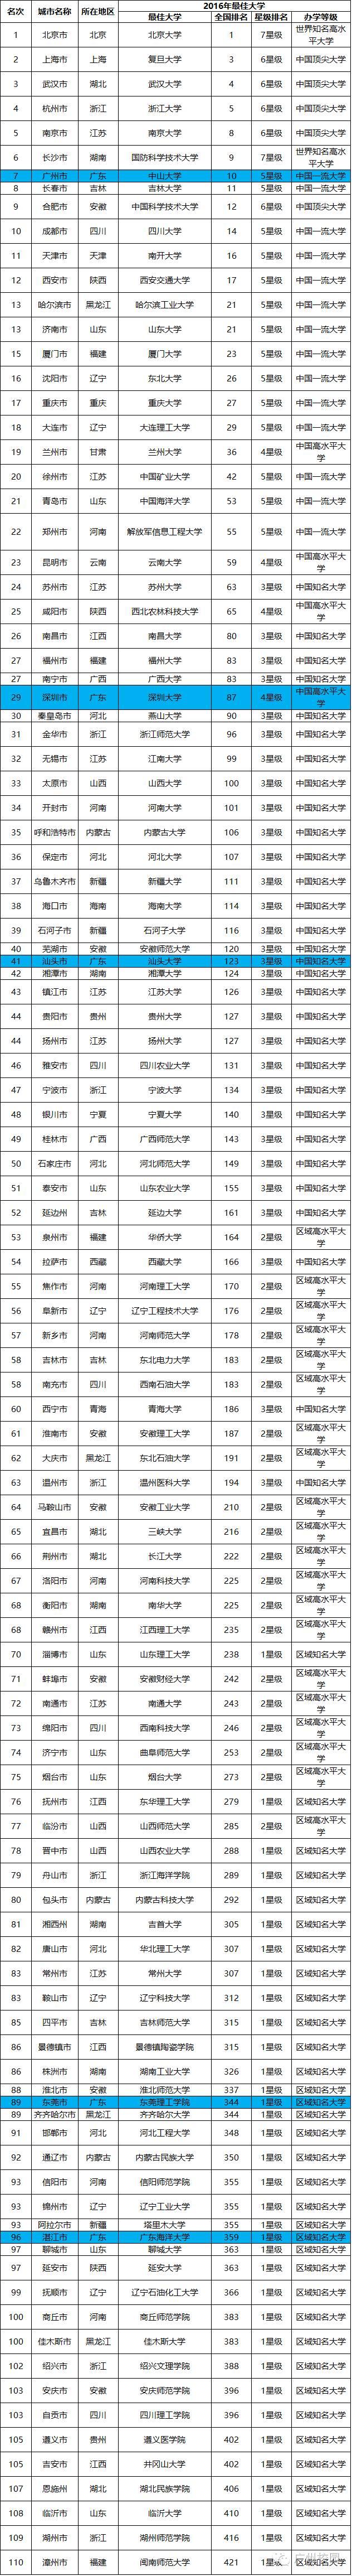 2016中国最佳大学城市排行榜